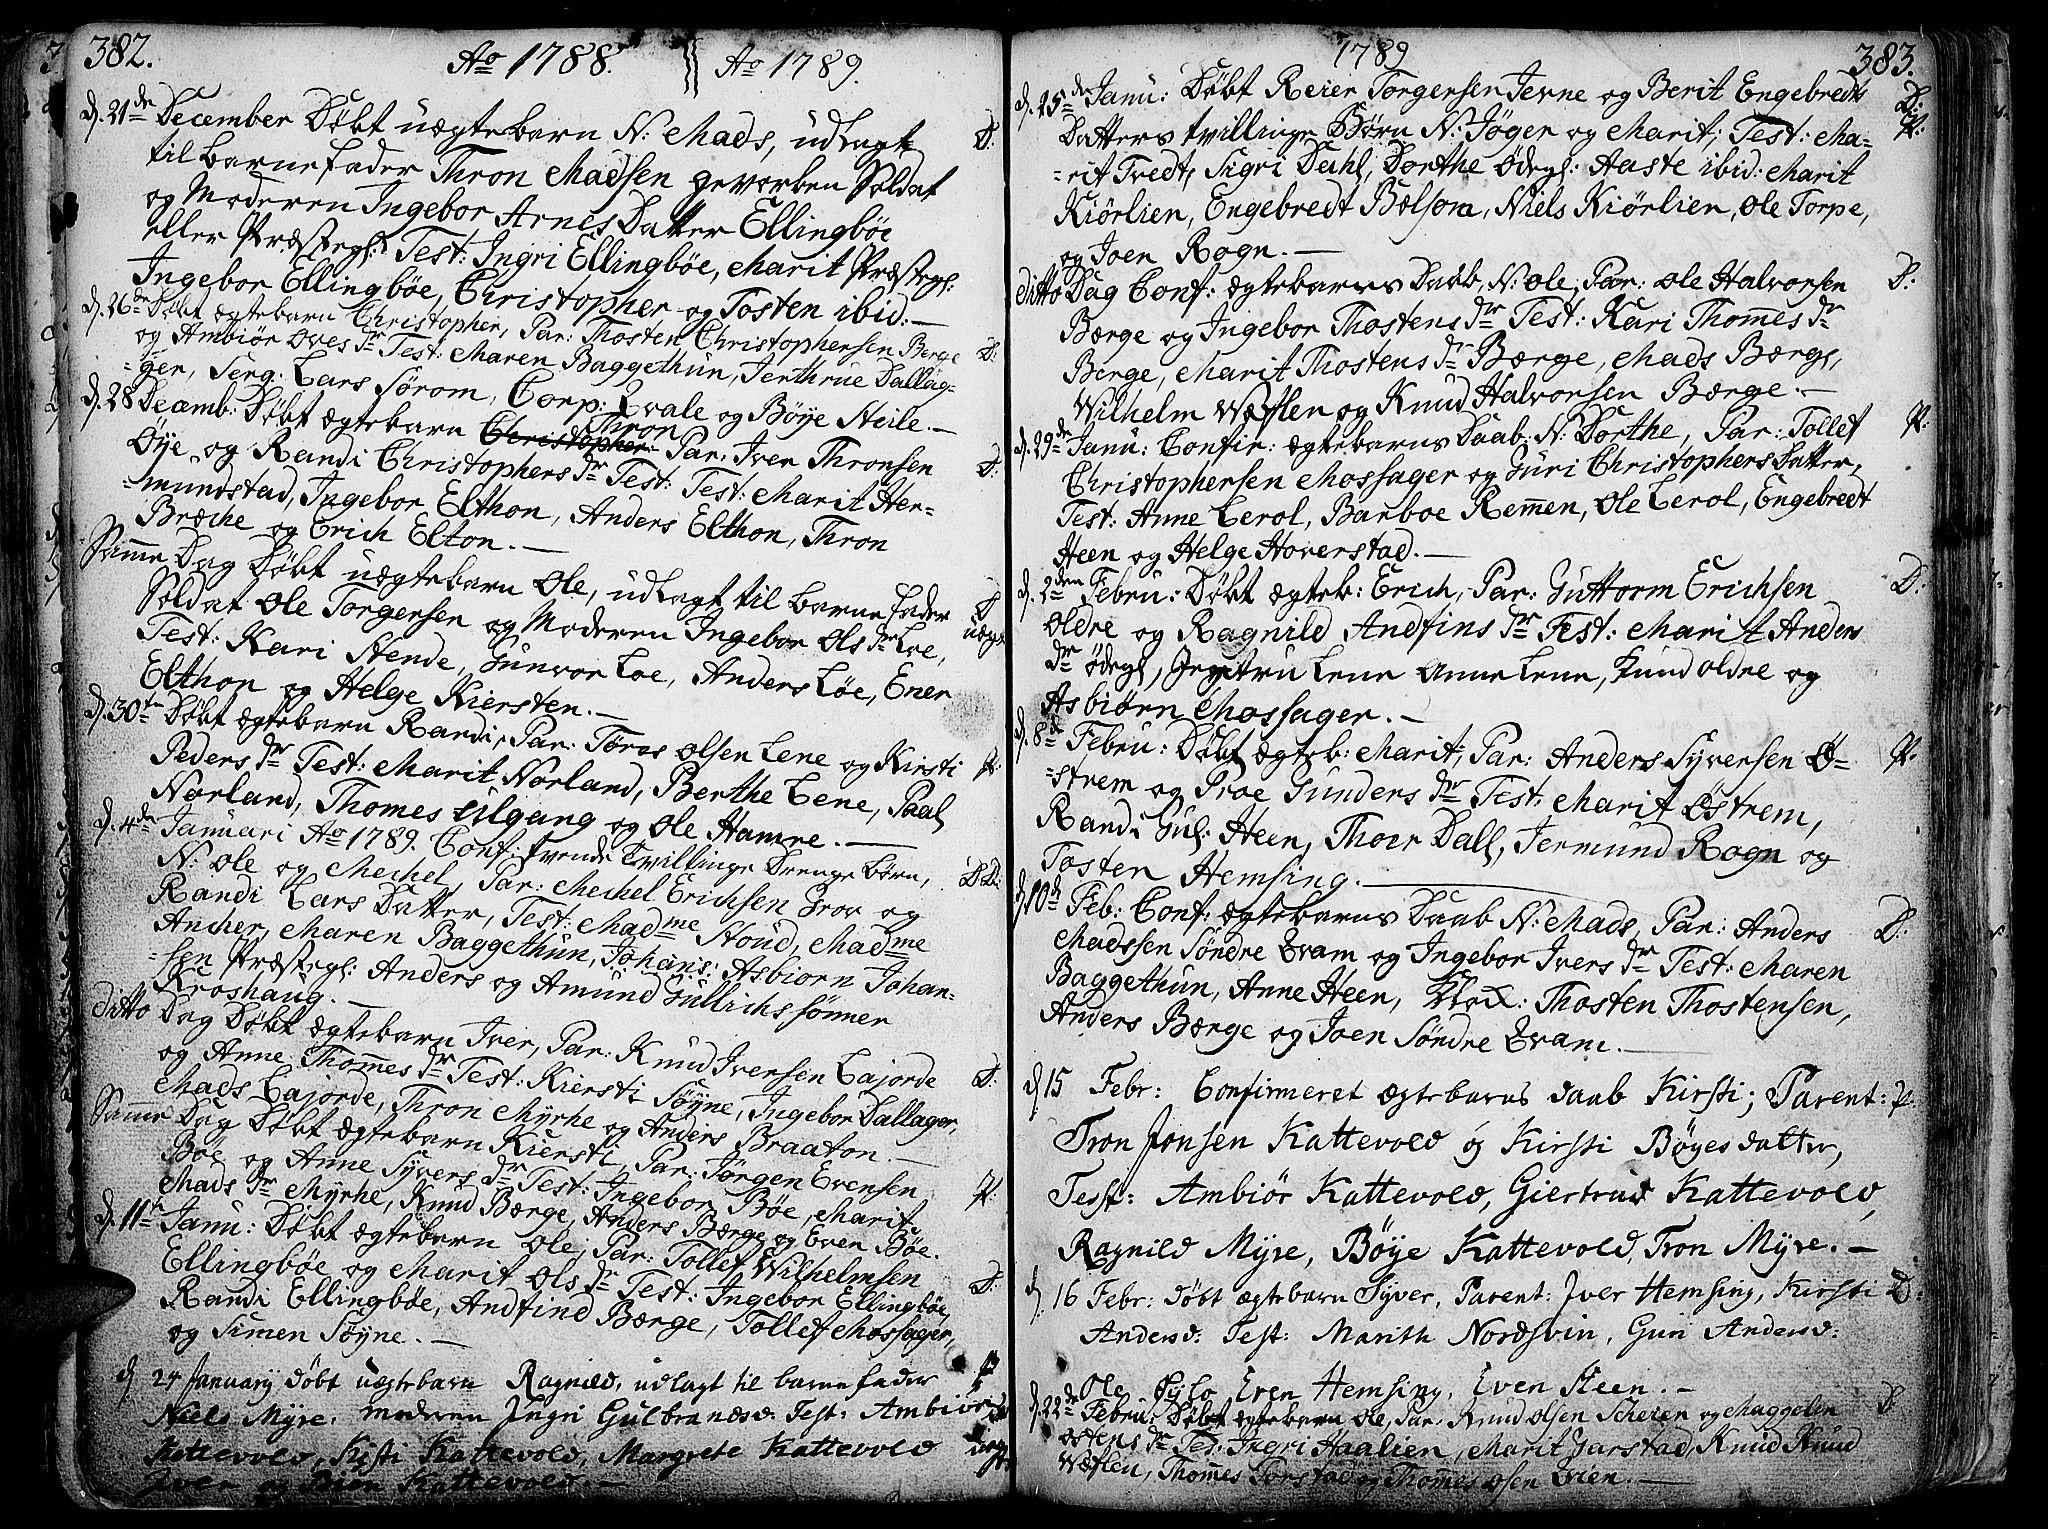 SAH, Vang prestekontor, Valdres, Ministerialbok nr. 1, 1730-1796, s. 382-383